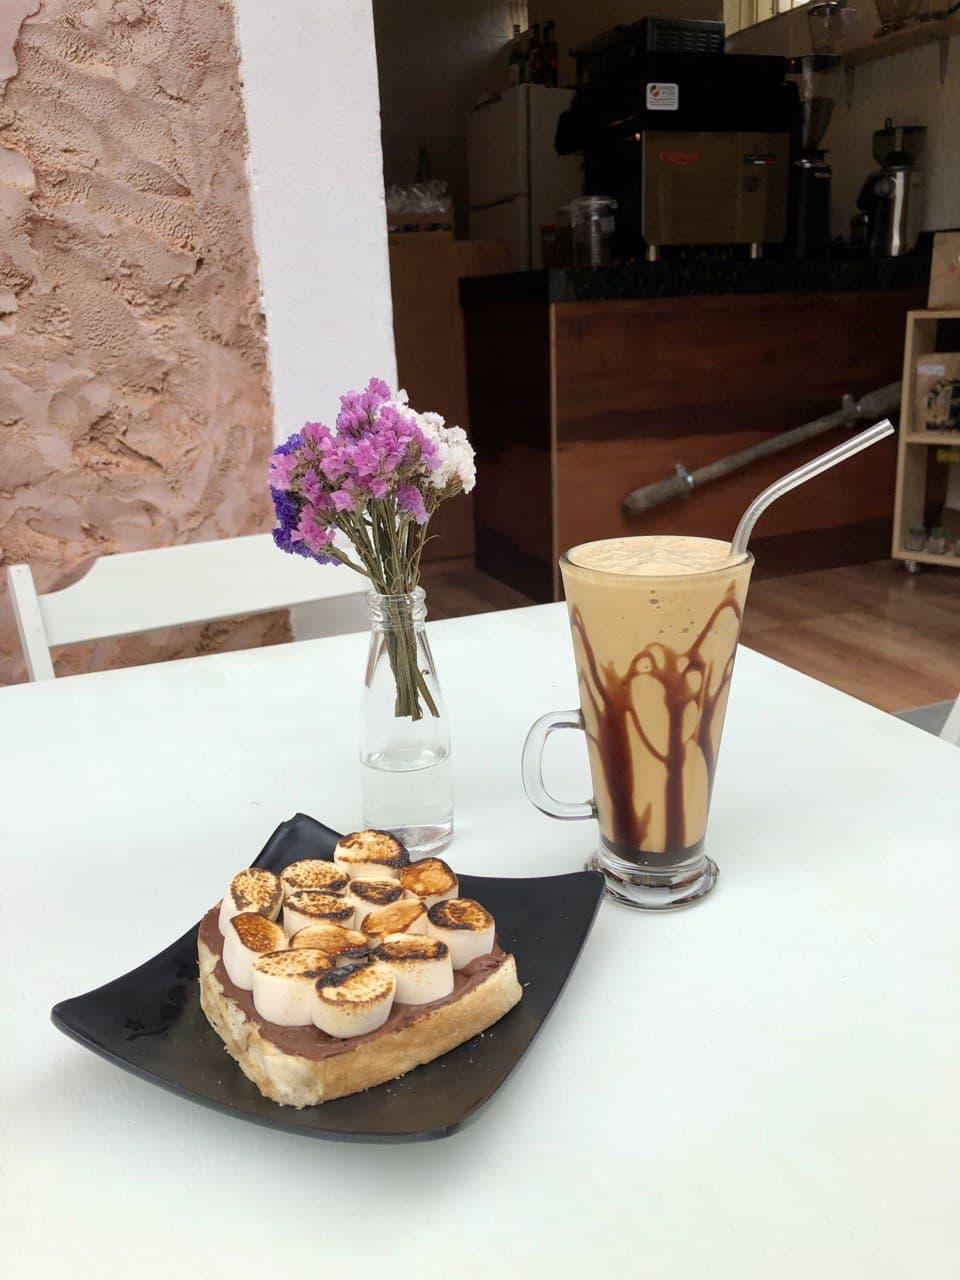 S'mores والقهوة المثلجة من Afago Teas and Special Coffees ، في سانتا تيريزا